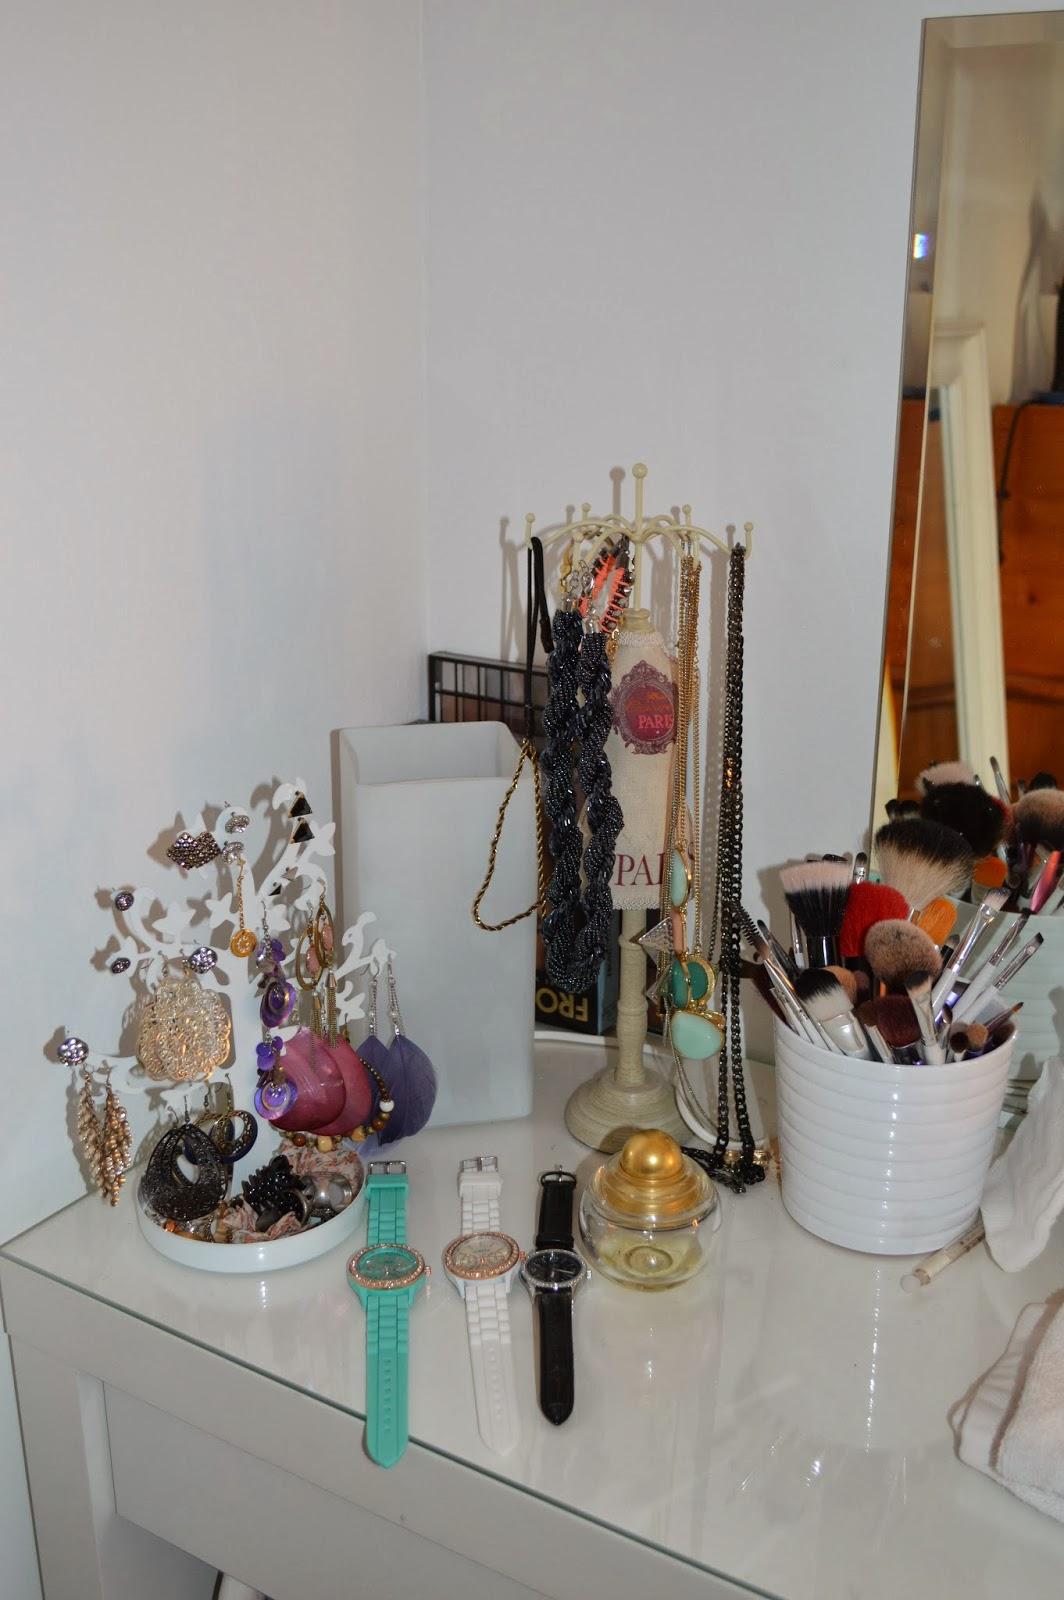 Le monde de la beaut mon rangement maquillage - Tour de rangement maquillage ...